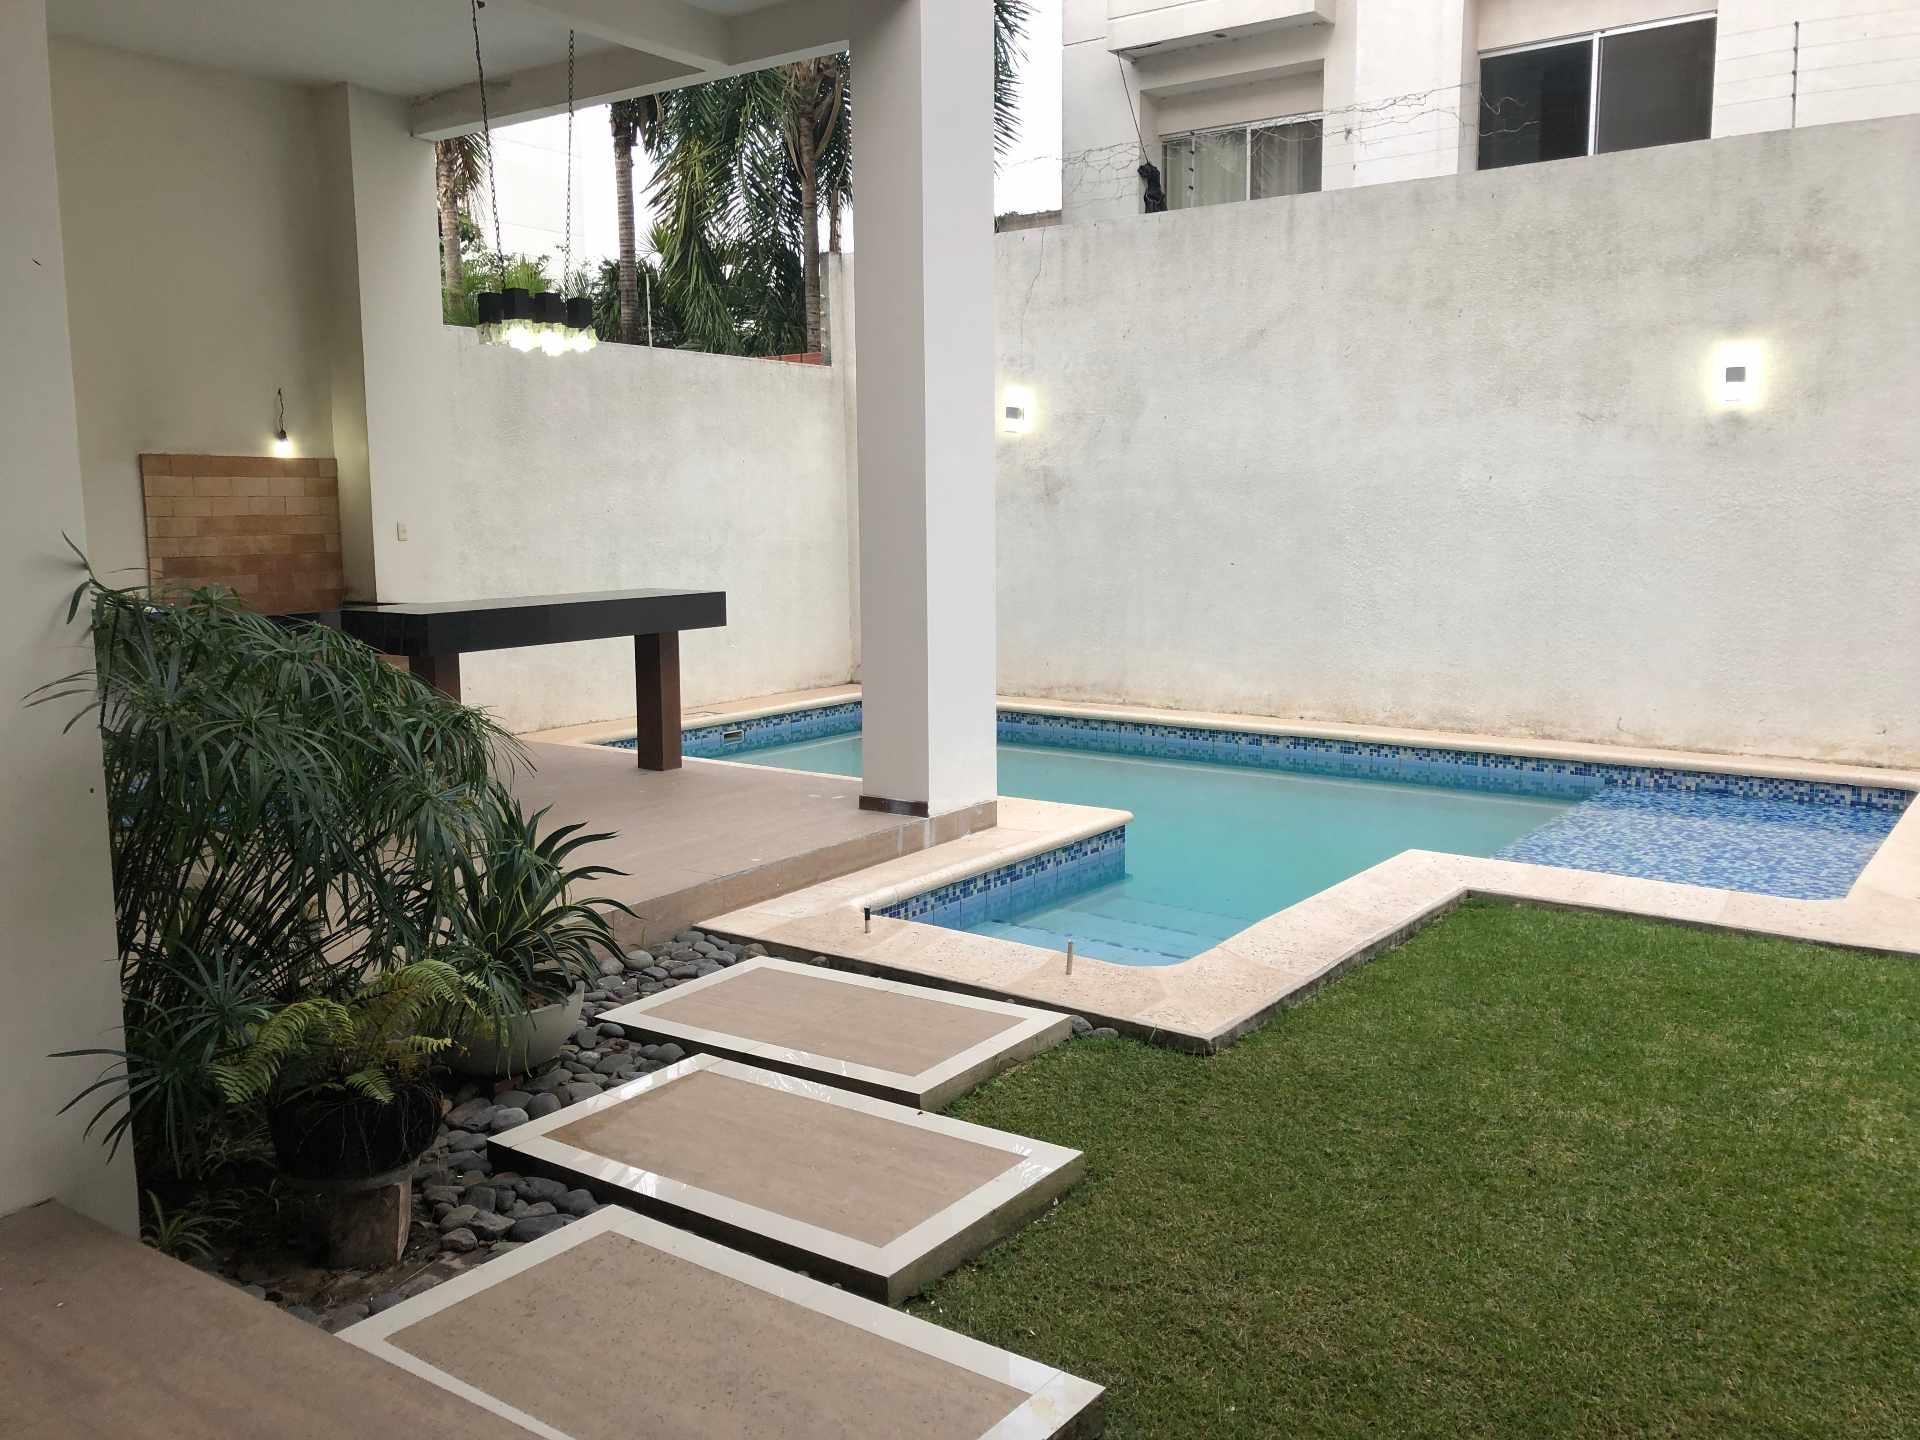 Casa en Venta CASA EN VENTA ZONA AV. SAN AURELIO Y BARRANCA Foto 27